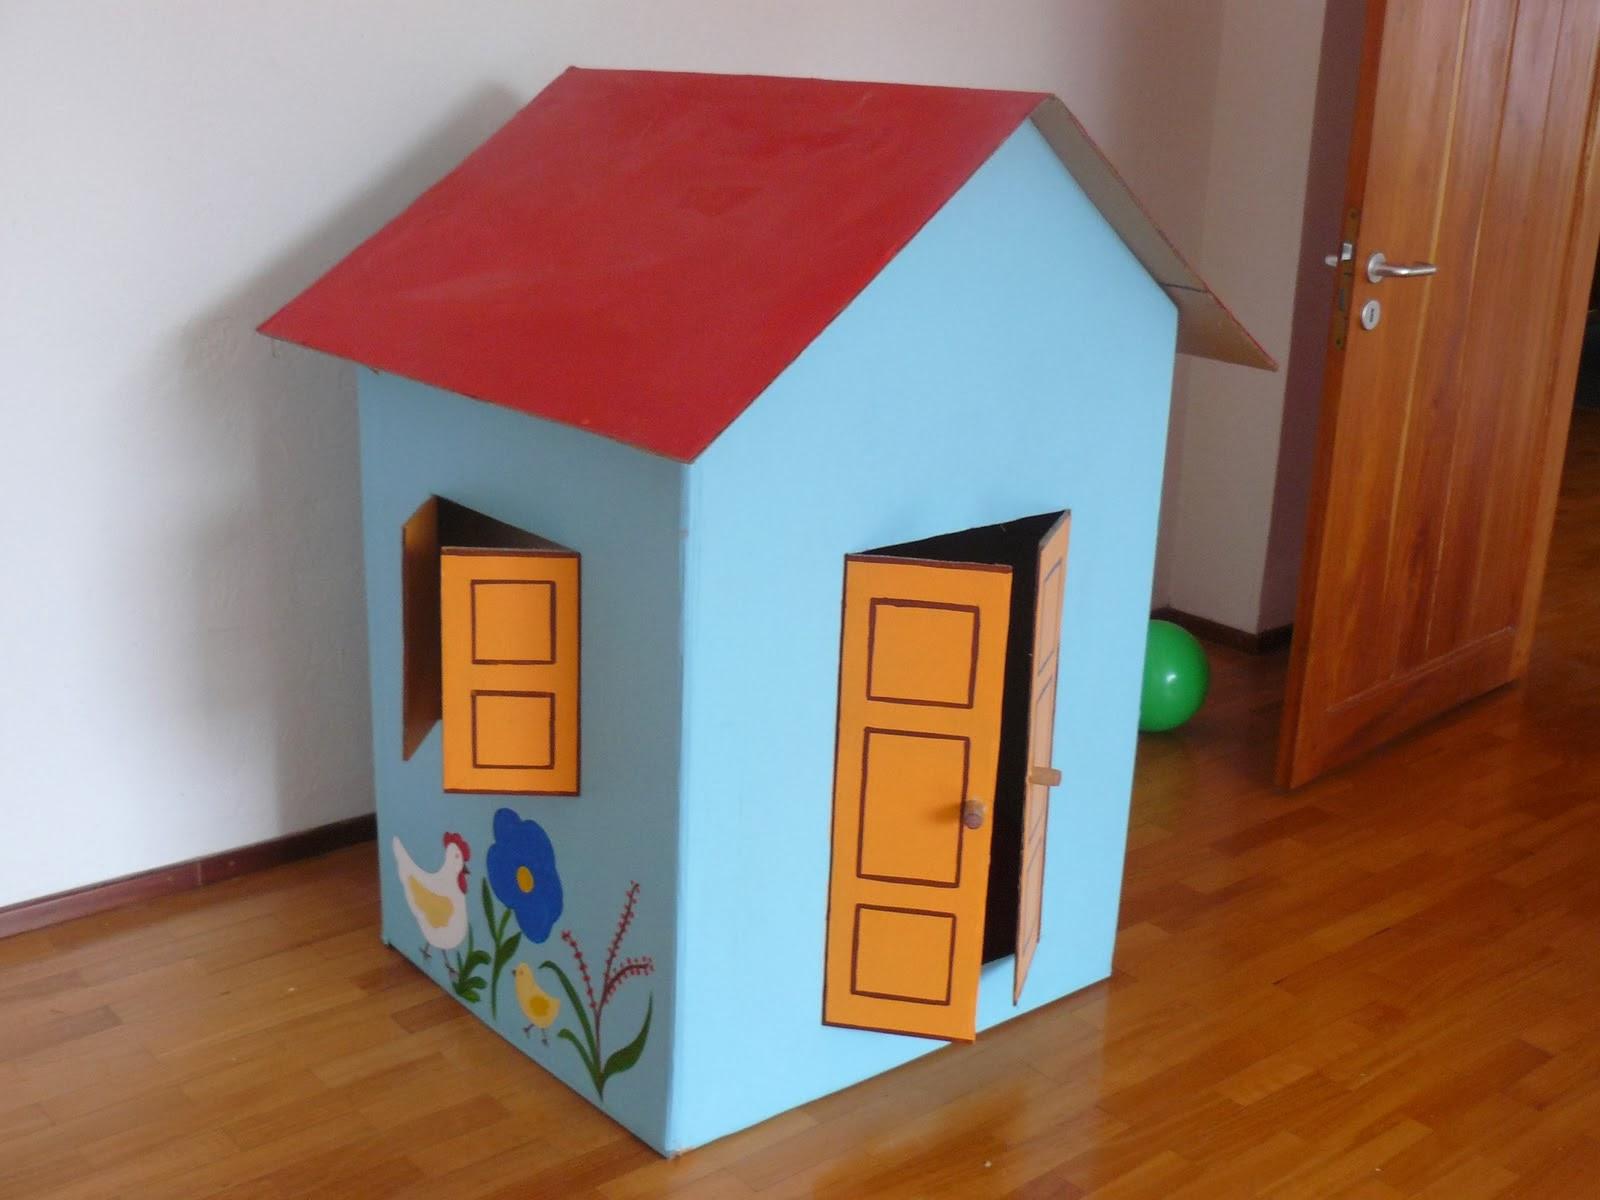 Ideias incr veis e inspiradoras para reutilizar papel es blog mix lar - Como hacer una casa de carton pequena ...